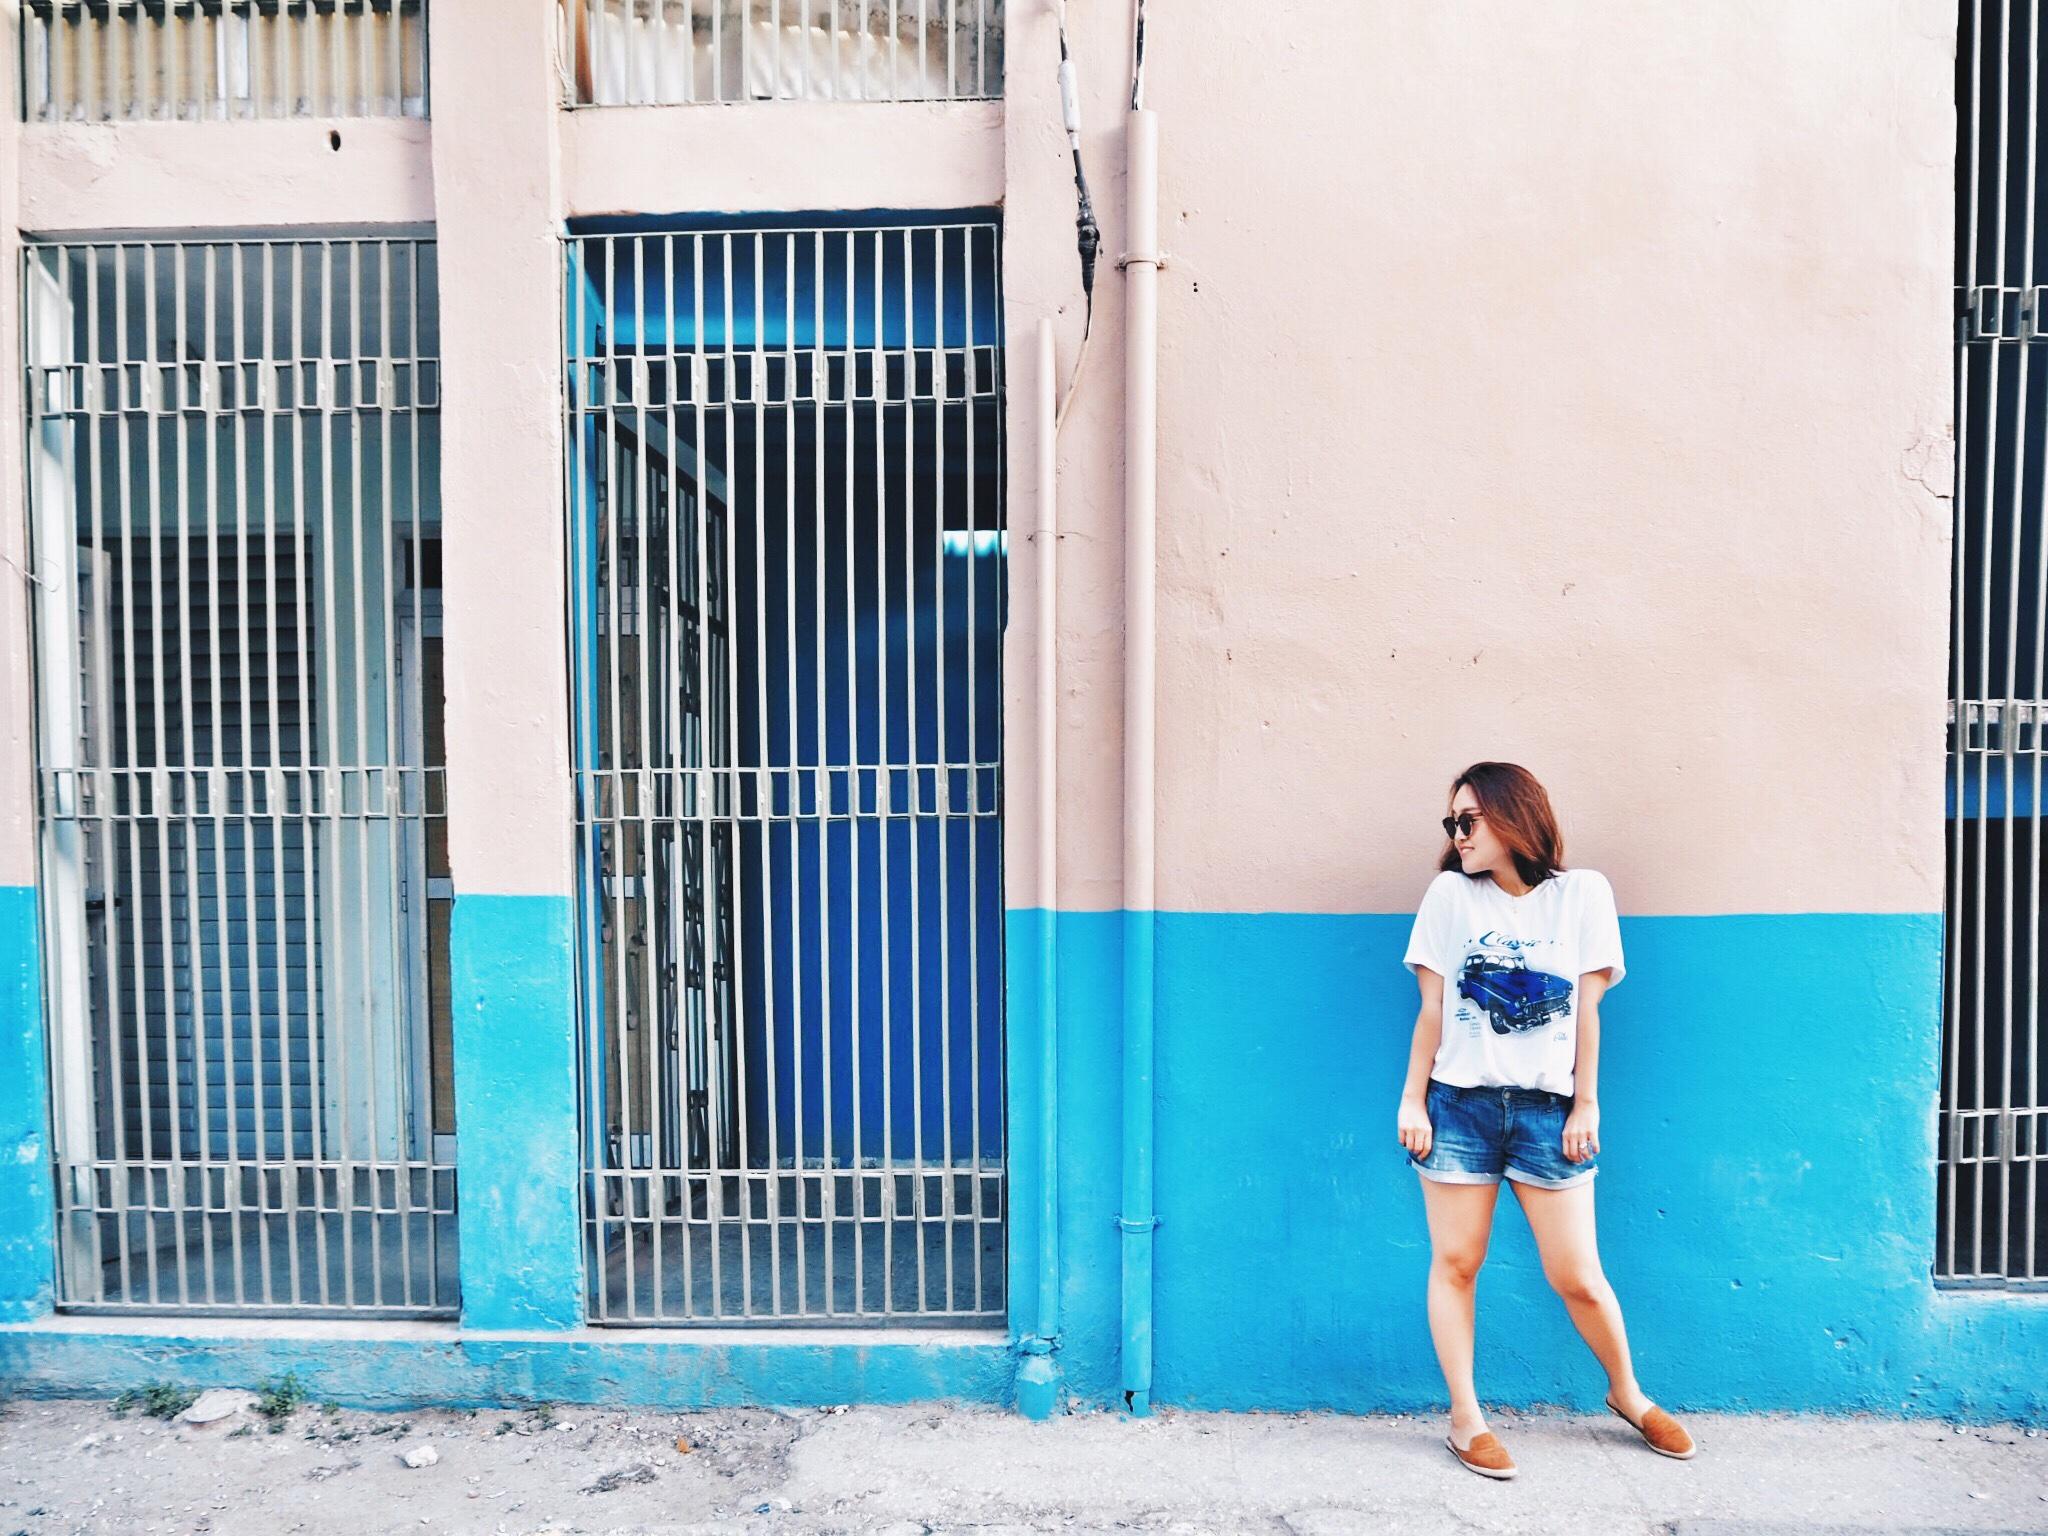 ec0f805b aa1f 4af3 b85e 71b58cce5bd5 - Old Habana - 街全体が世界遺産 色が溢れるハバナ旧市街散歩で出会った風景